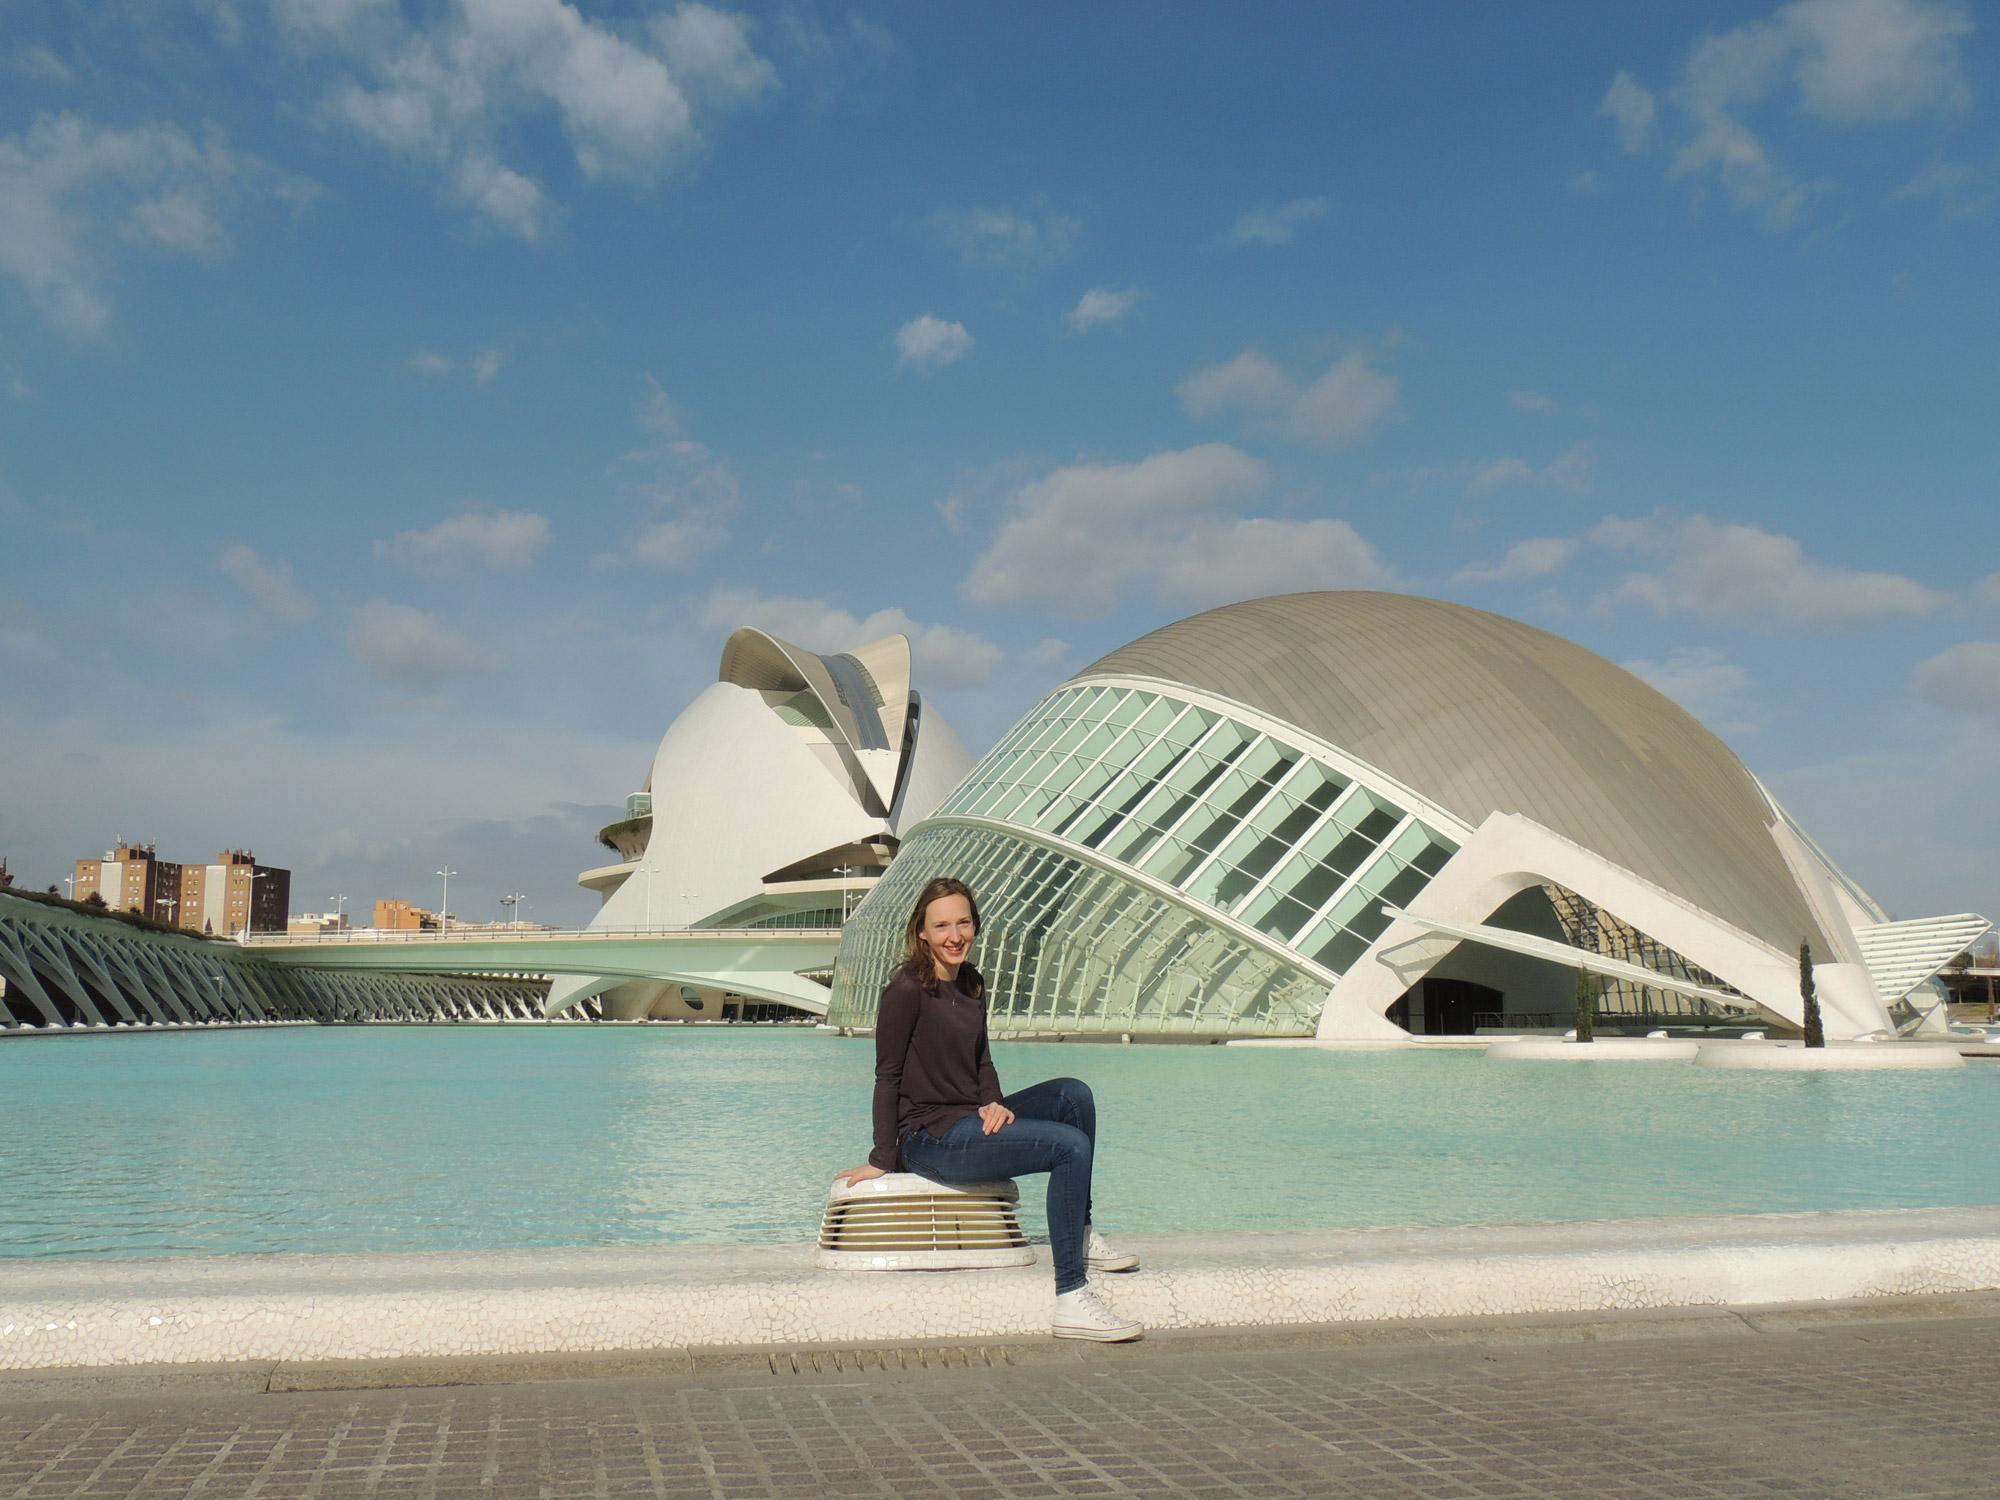 Michelle - Ciutat de les Arts i les Ciències in Valencia